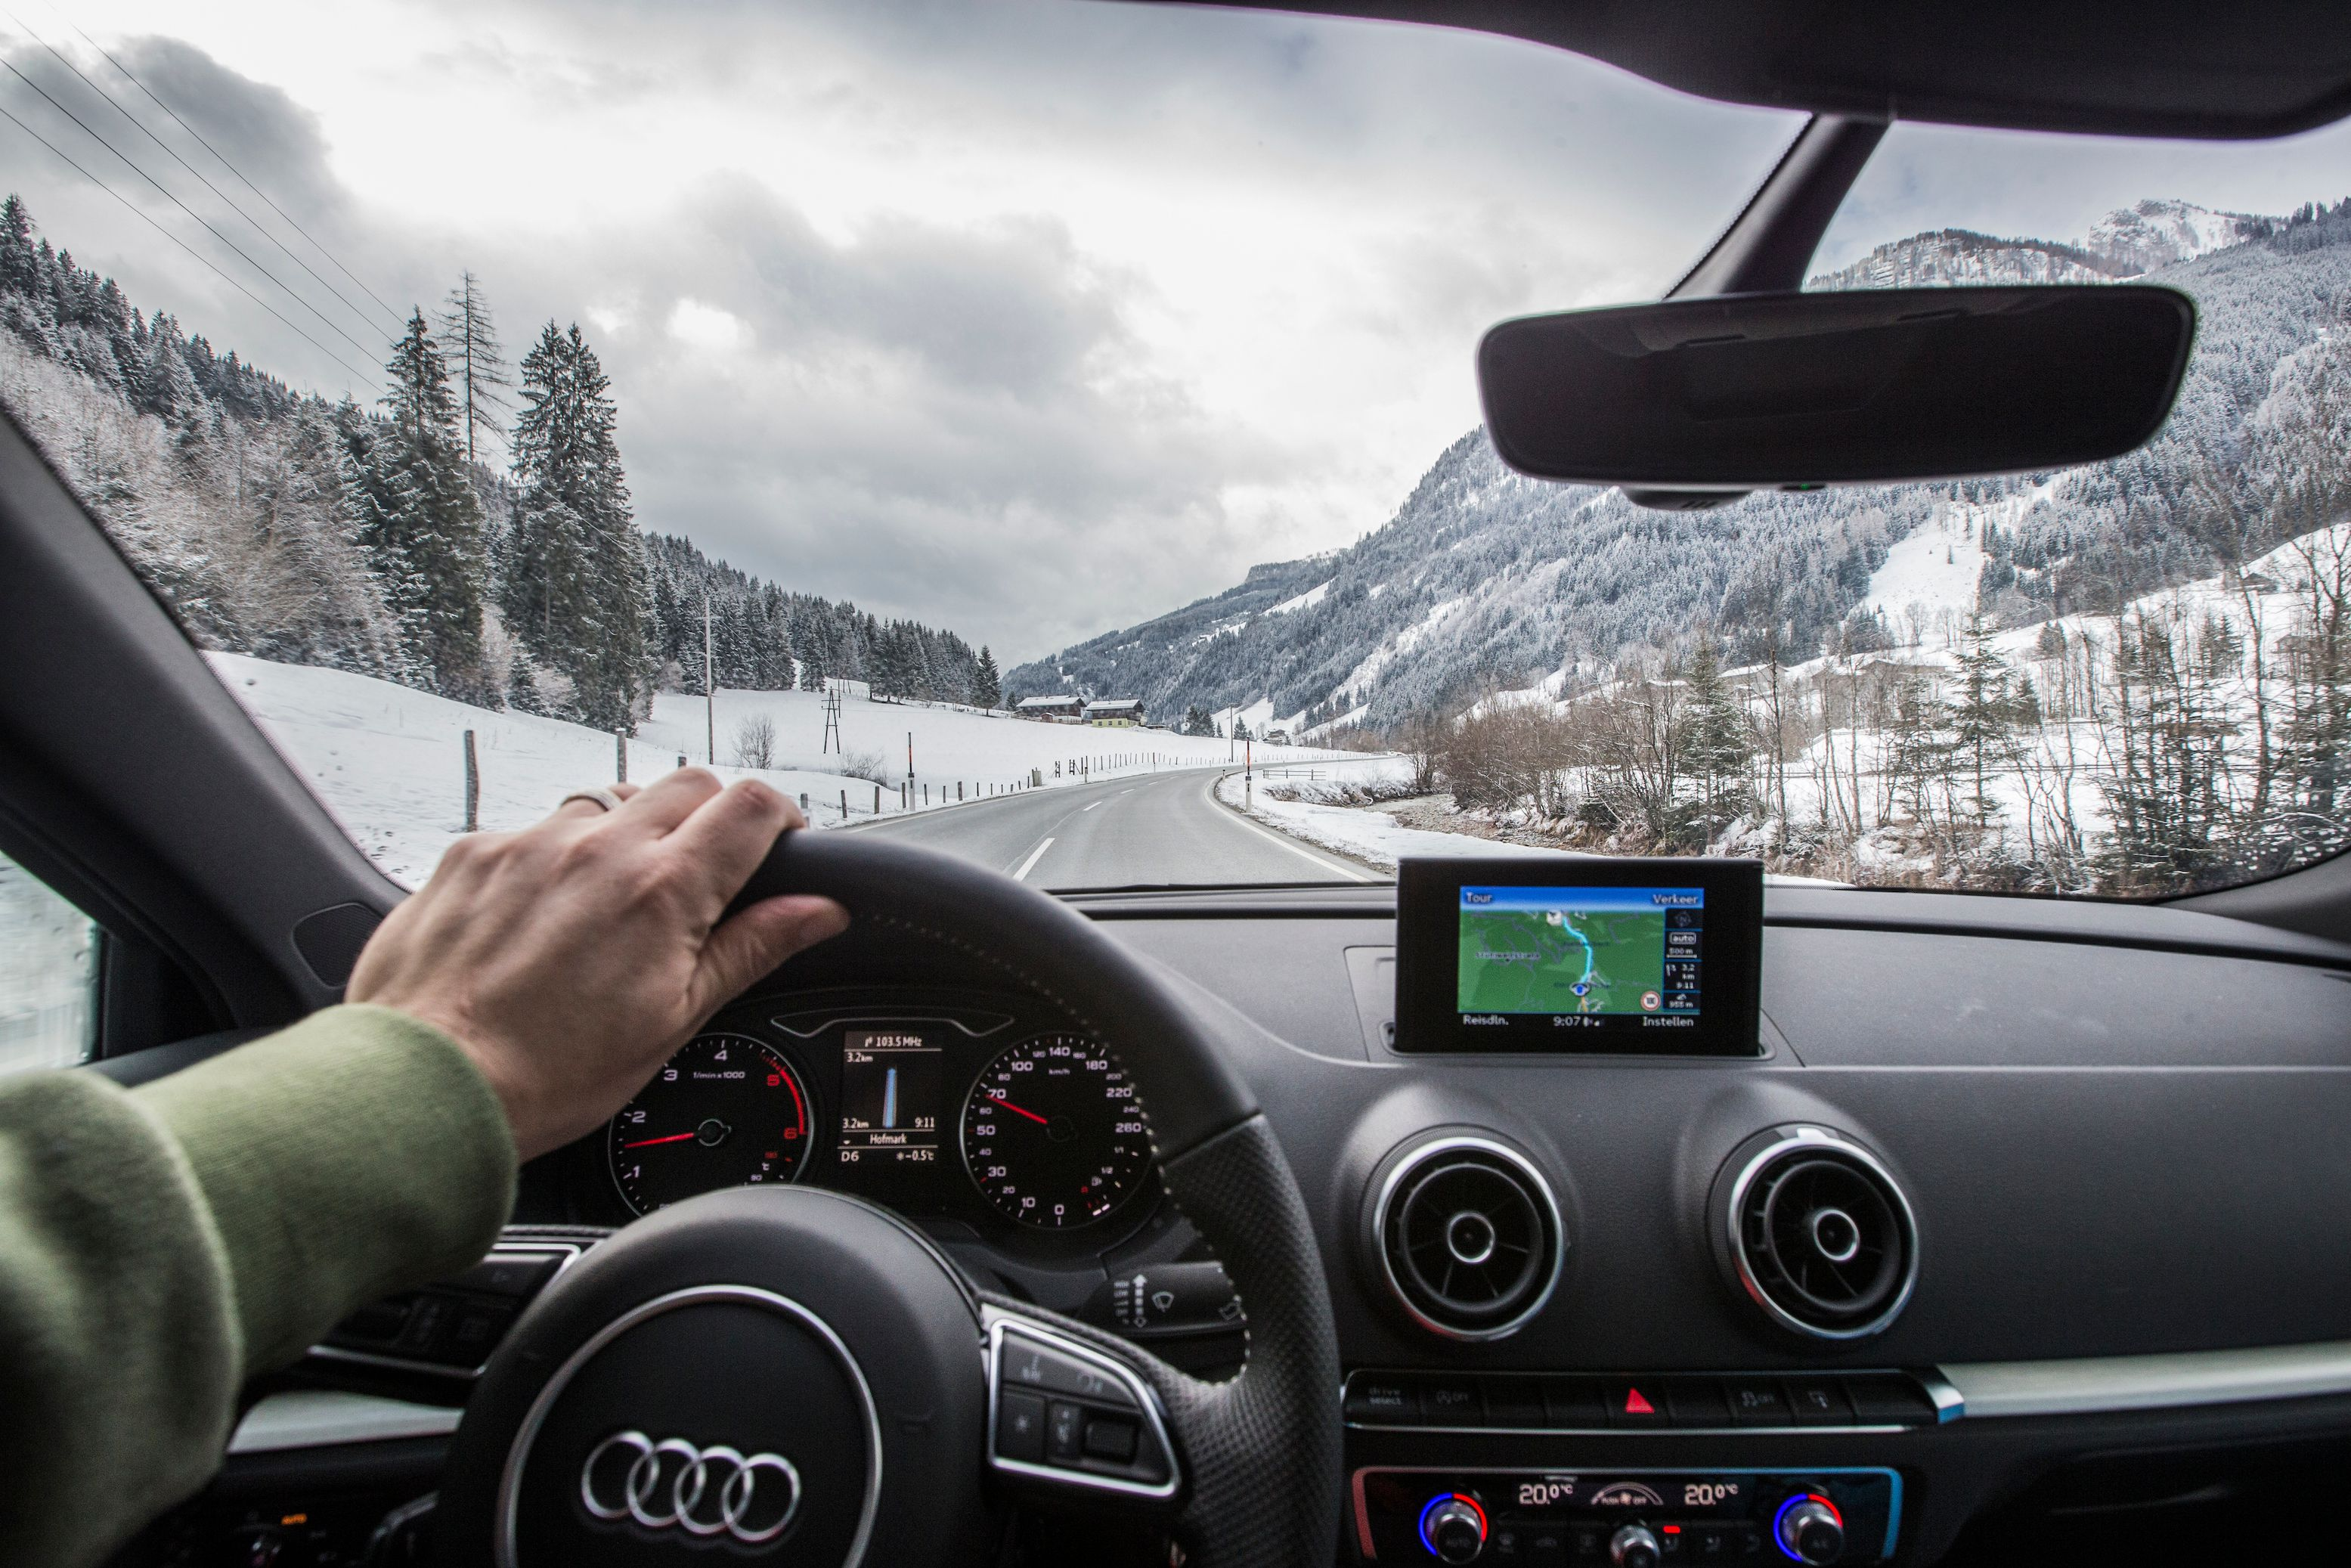 Tolplannen Duitse snelwegen van de baan